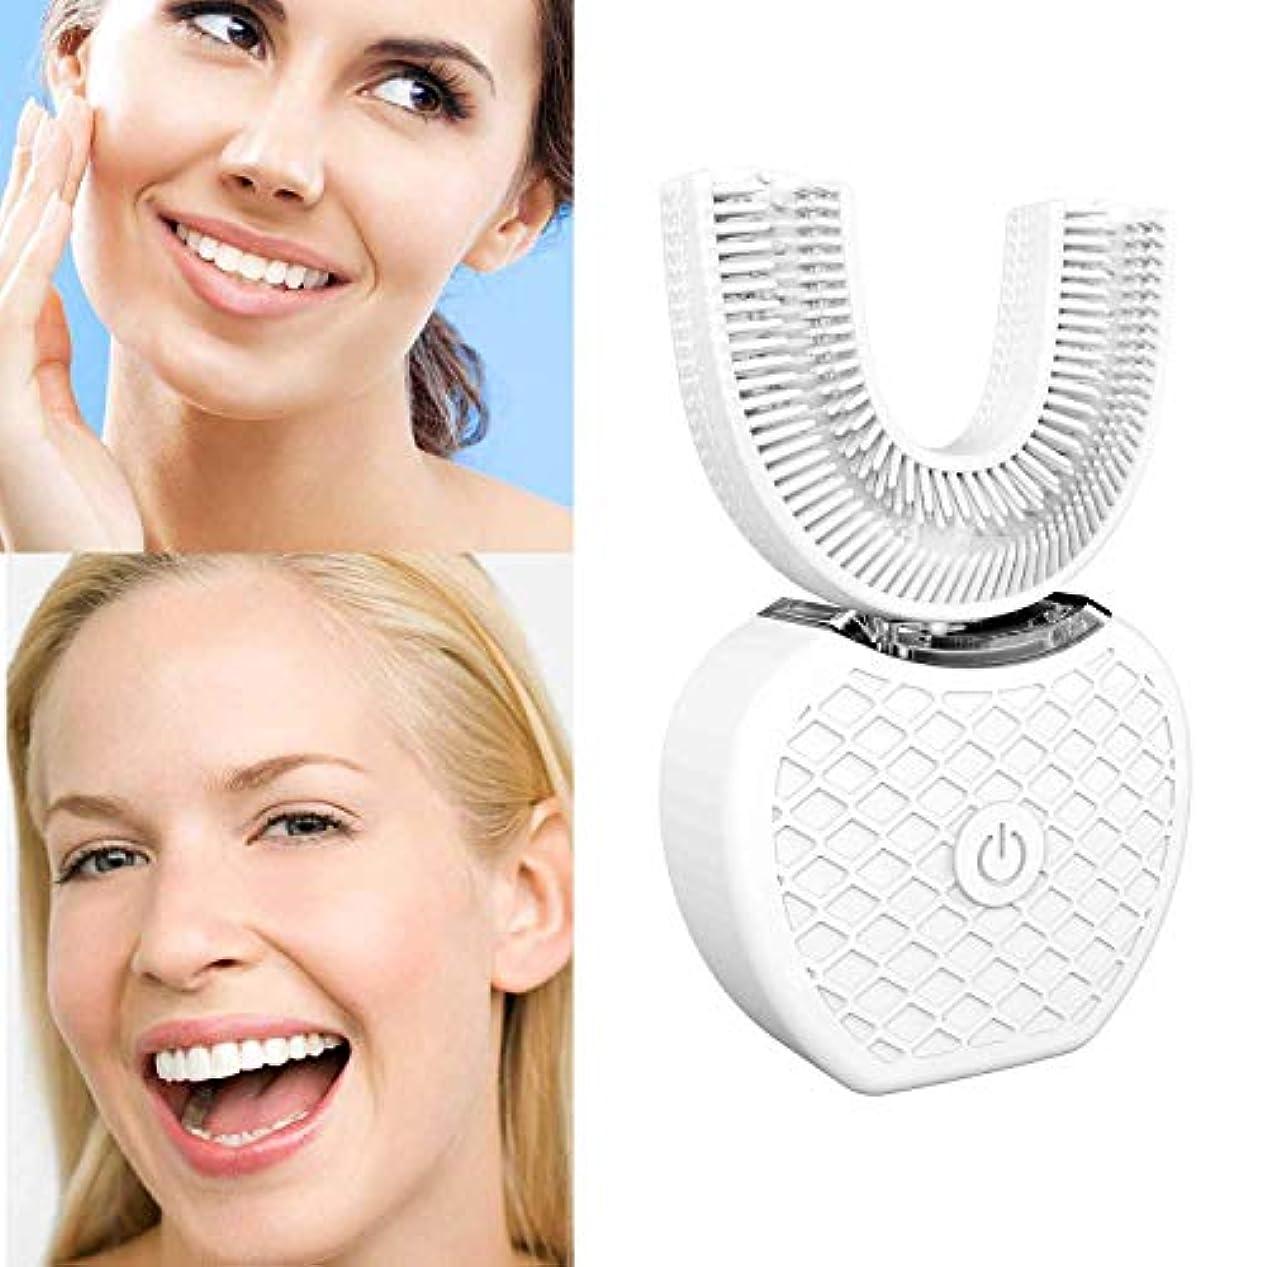 上昇竜巻はげ新しい電動歯ブラシ、V-white 超音波自動歯ブラシ360°包囲清掃歯、より深い清掃 (ホワイト)